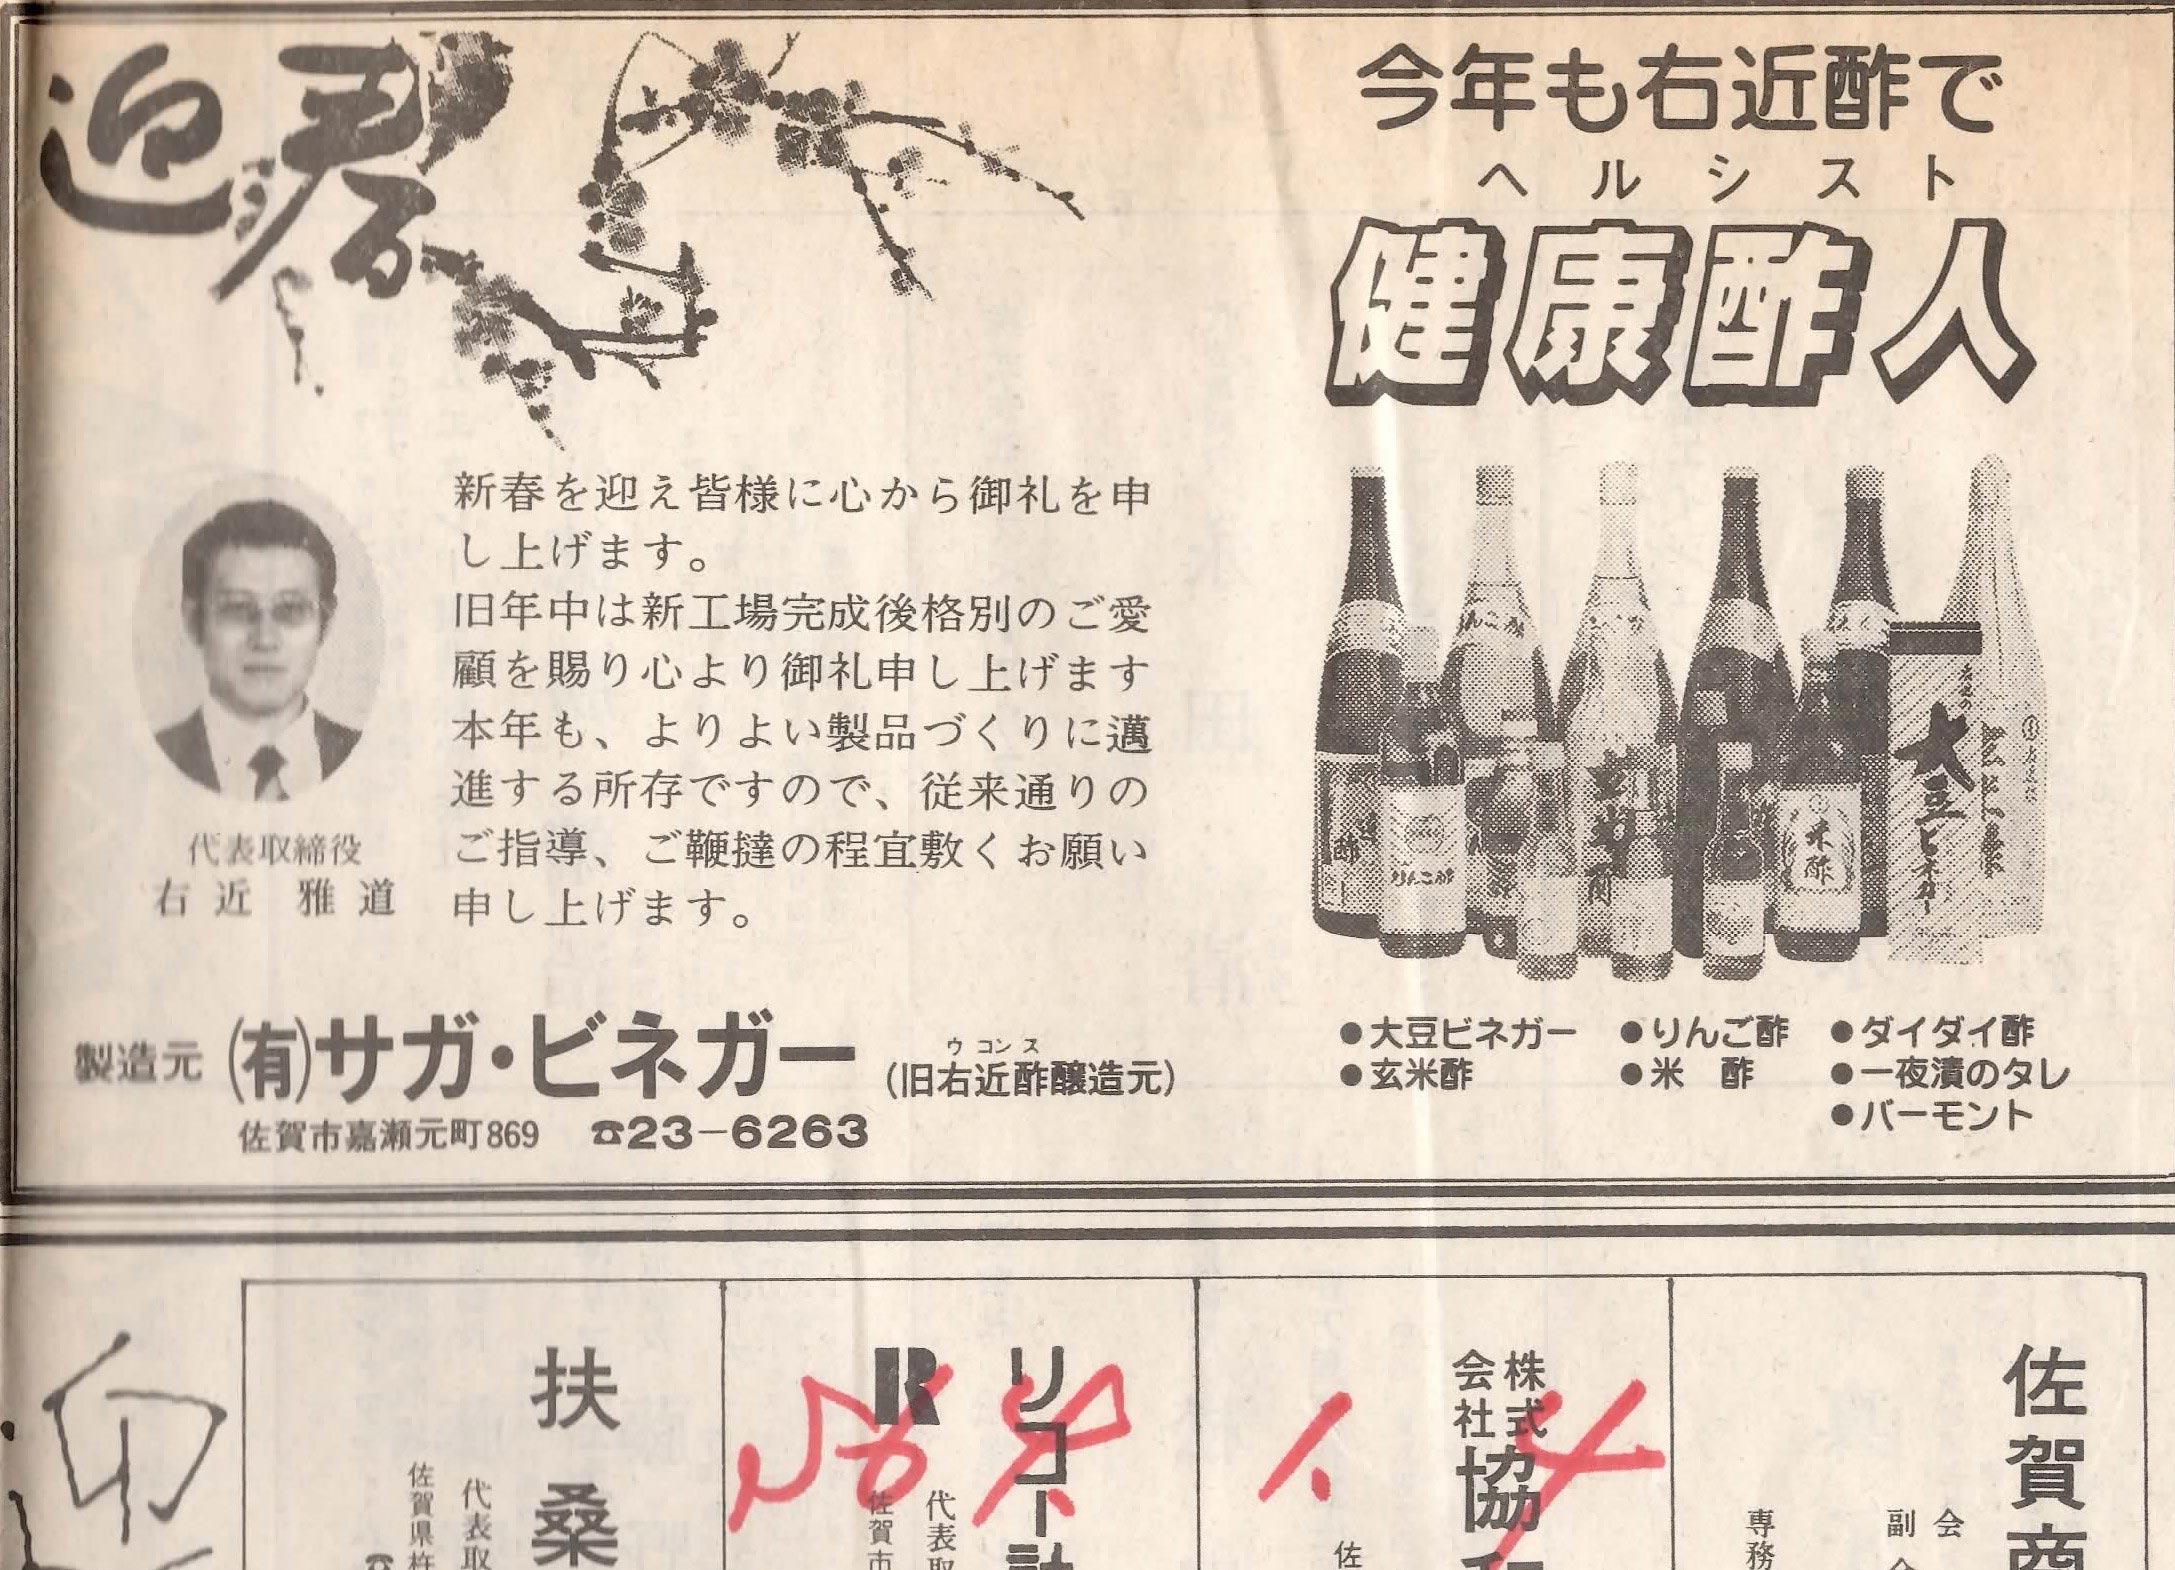 新聞掲載 1989年(昭和64年)1月4日 佐賀新聞 「迎春」